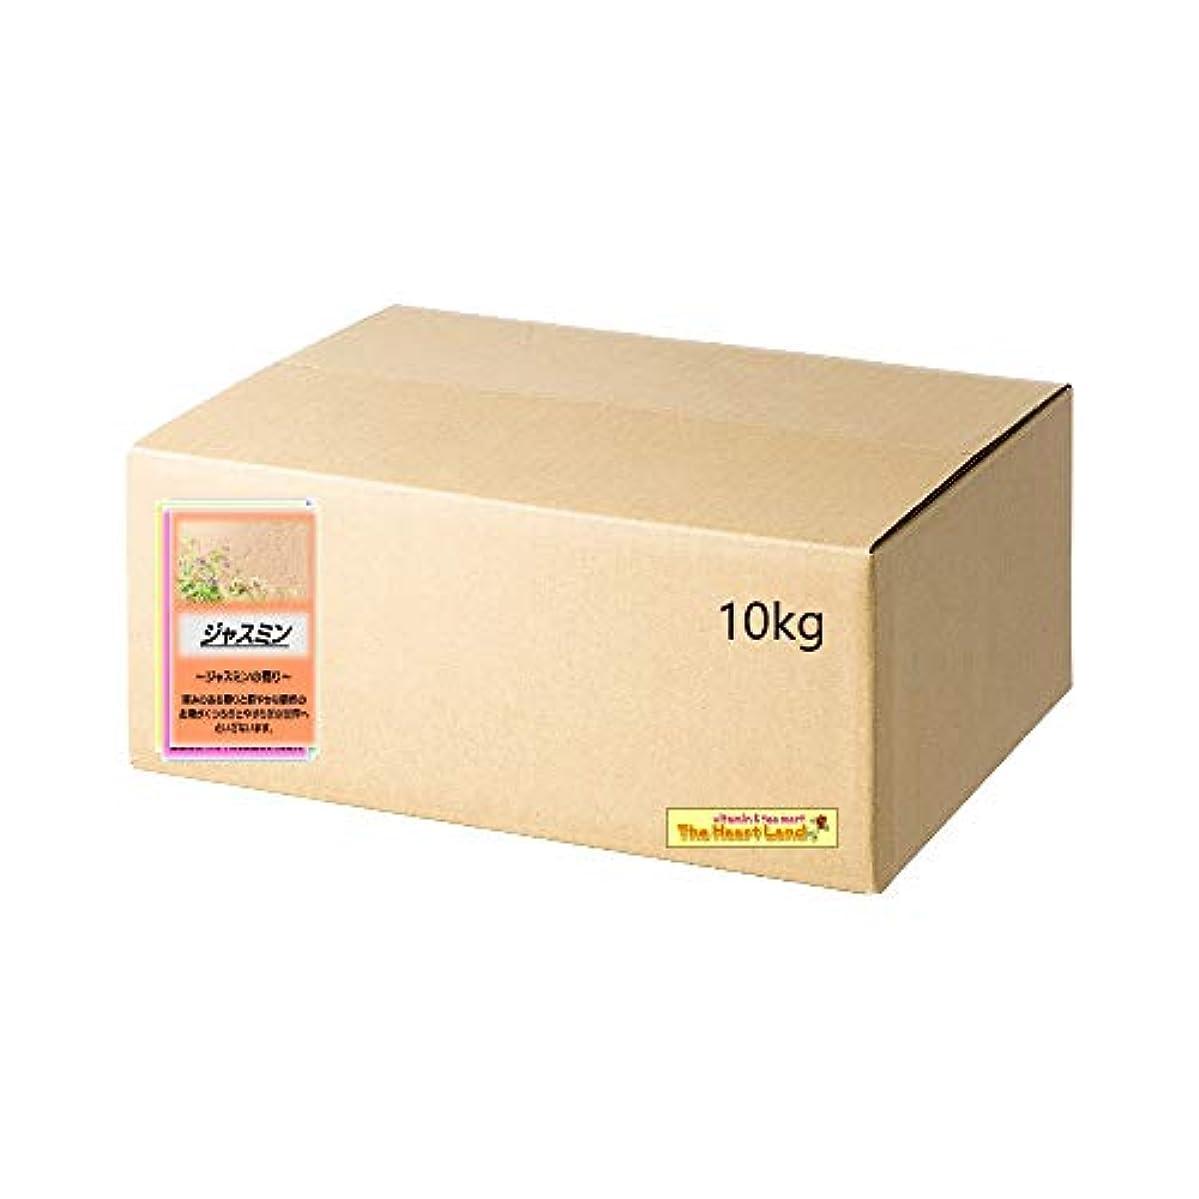 同盟電子レンジ重さアサヒ入浴剤 浴用入浴化粧品 ジャスミン 10kg